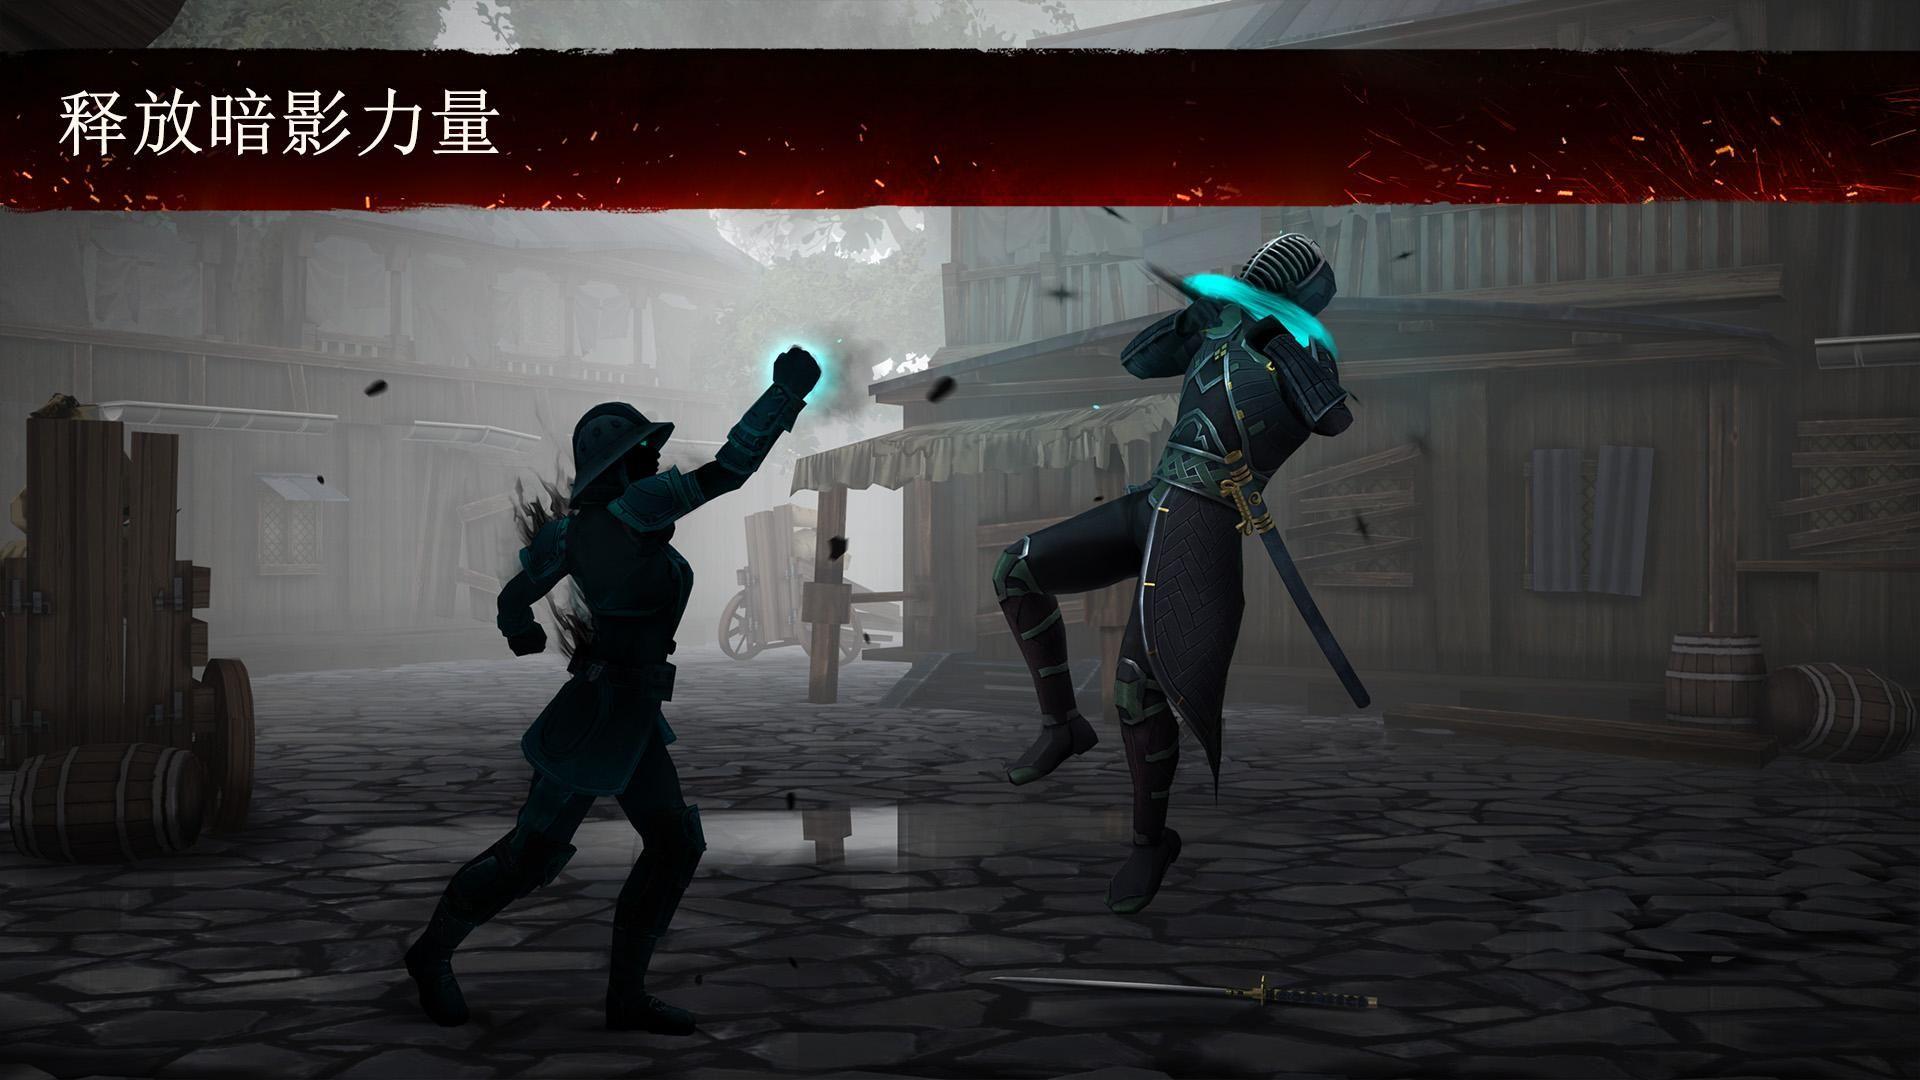 暗影格斗3 游戏截图3